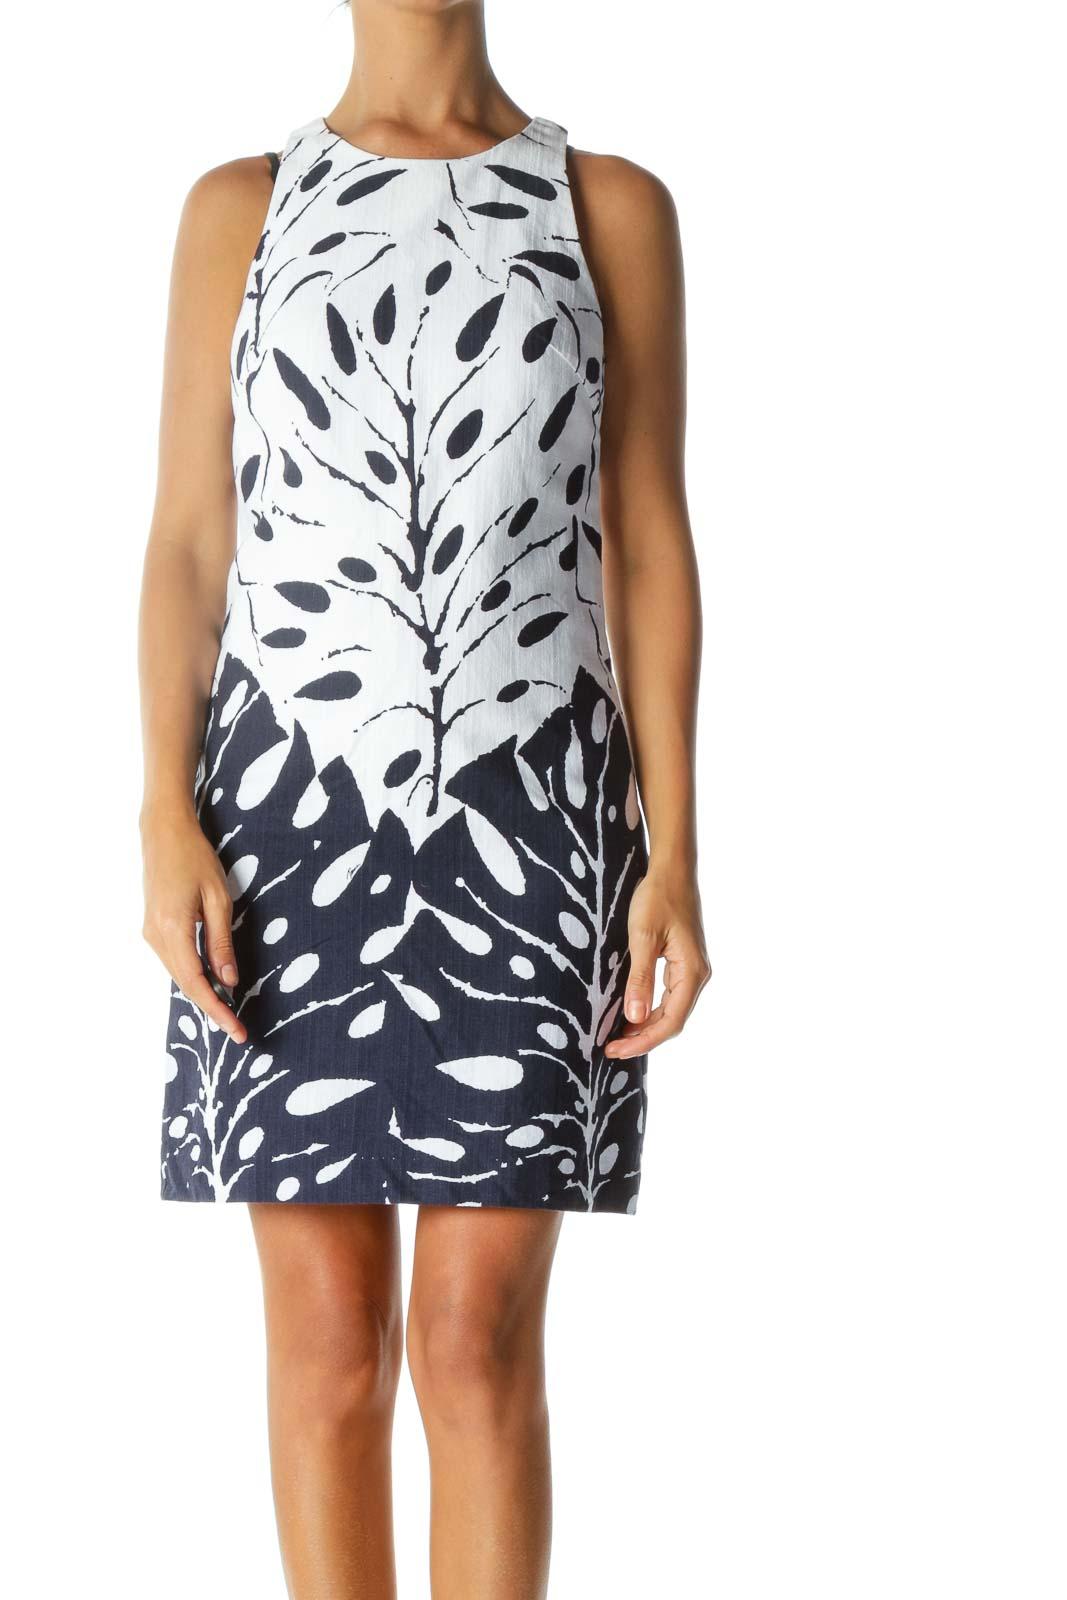 Blue White Print Textured Round Neck Day Dress